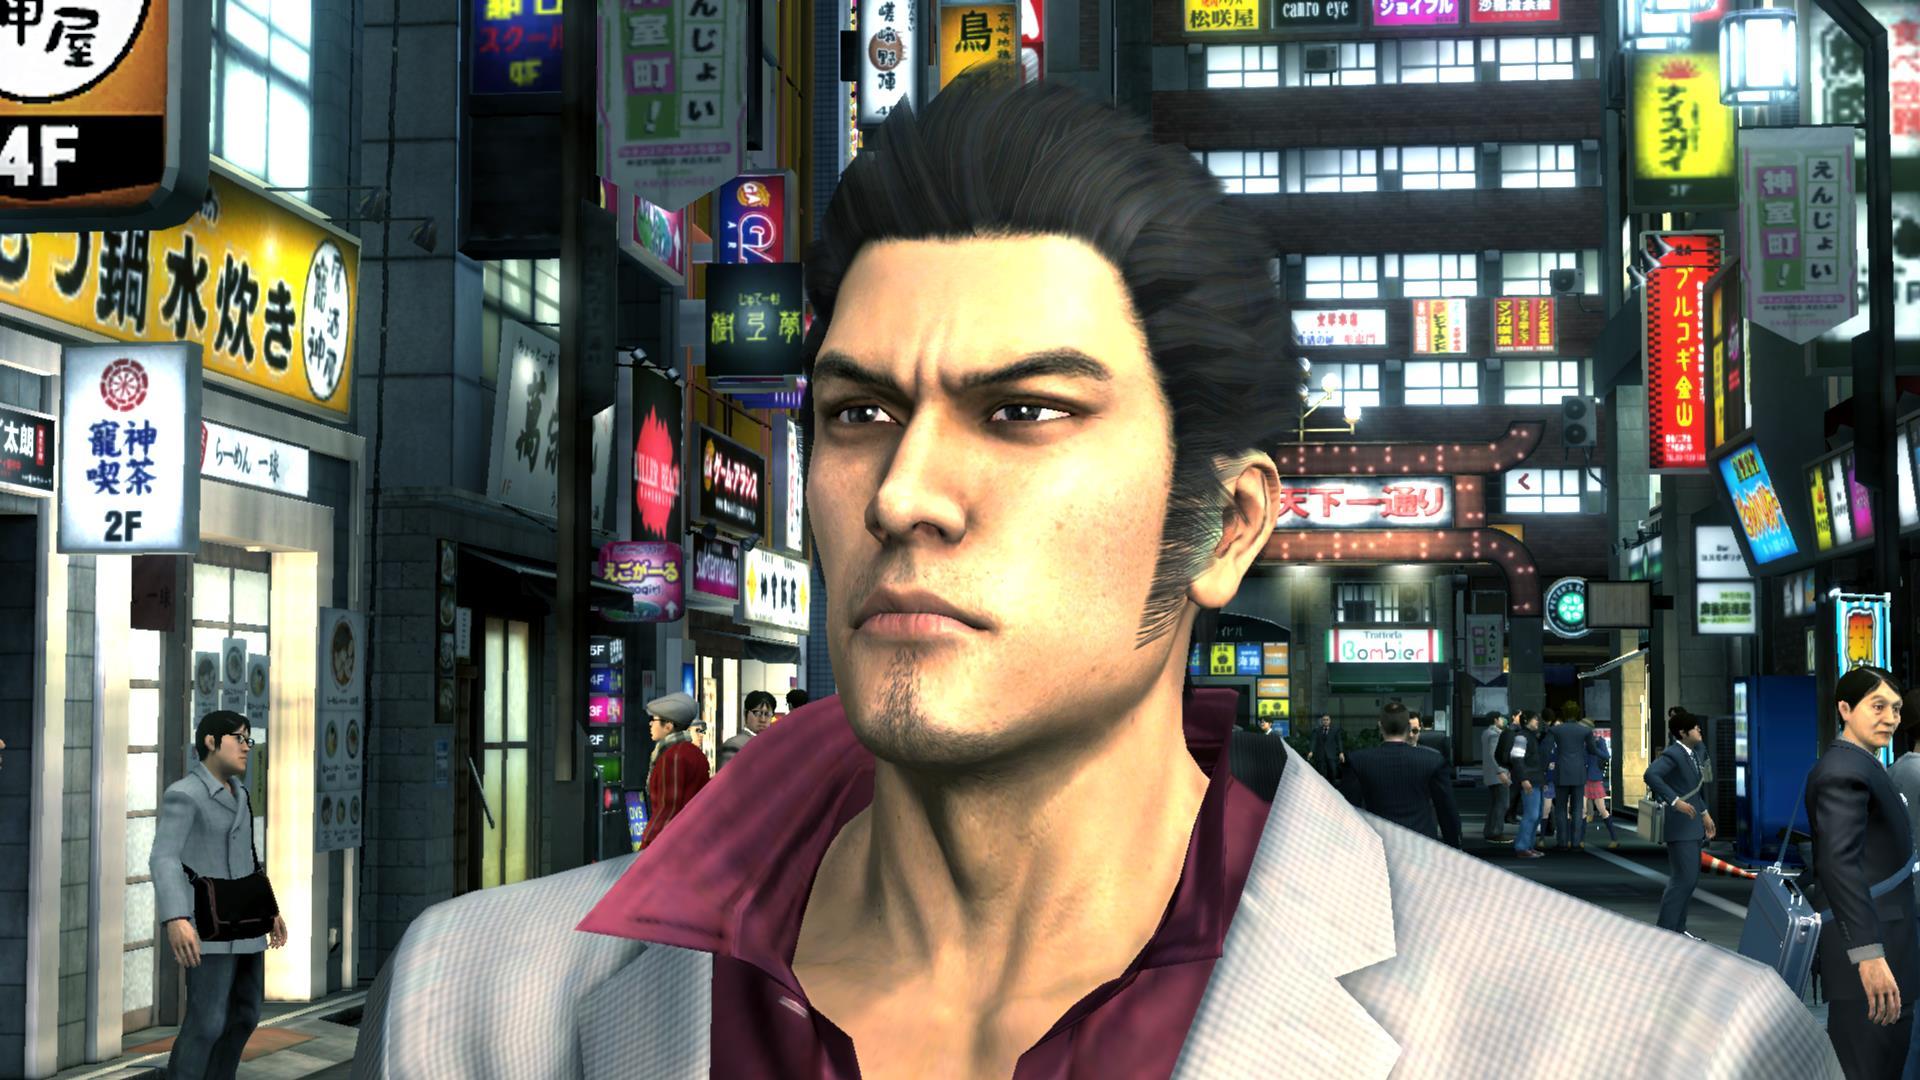 تریلر بازی Yakuza 3 Remastered منتشر شد